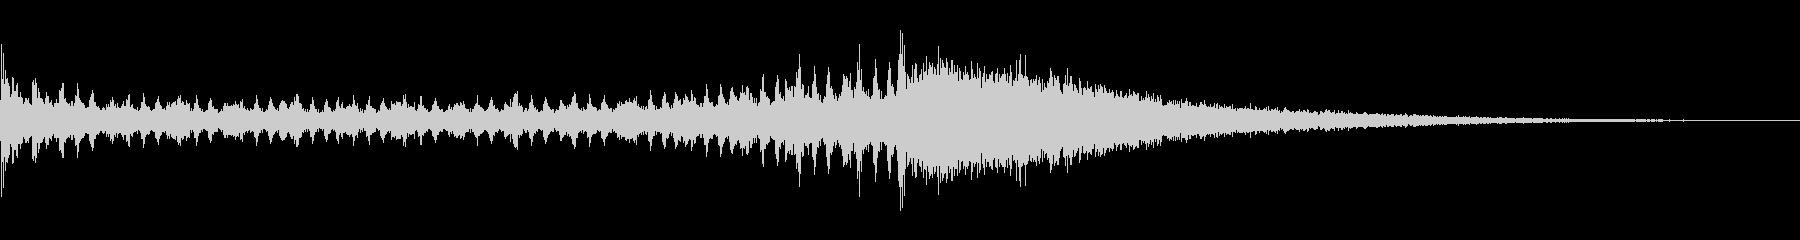 ドラムロールとシンバル 1の未再生の波形